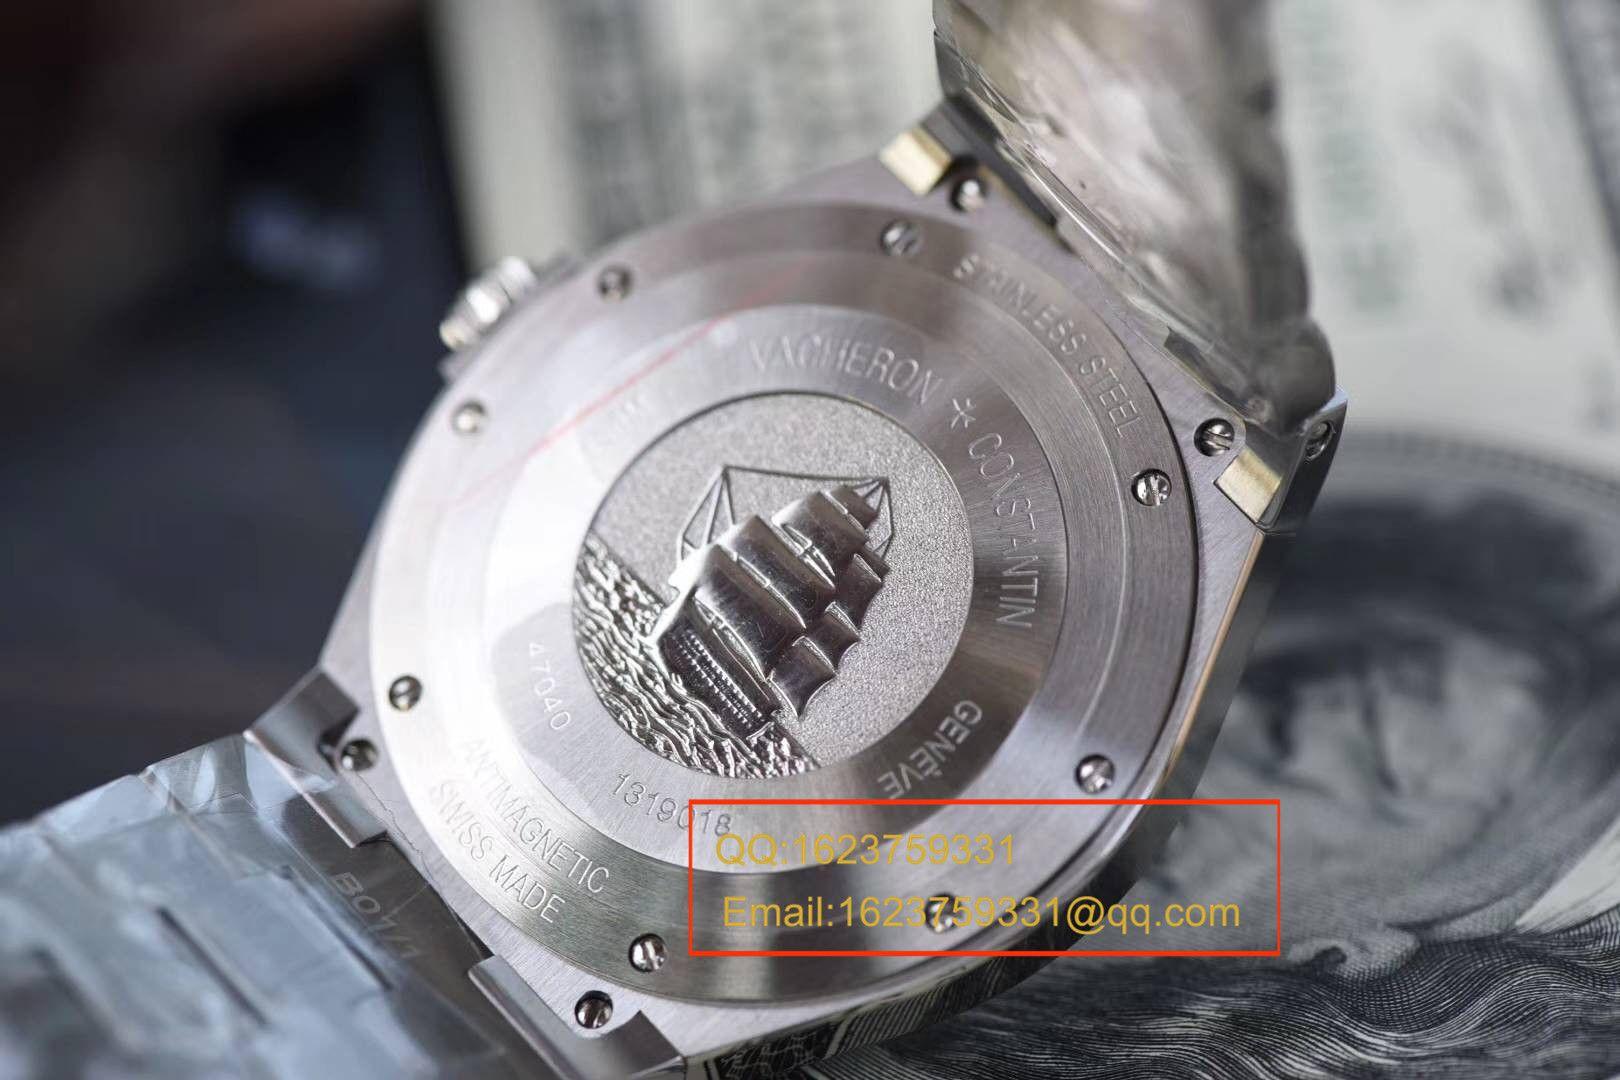 【独家视频评测JJ厂一比一超A高仿手表】江诗丹顿纵横四海系列47040/B01A-9093腕表 / JSBI115